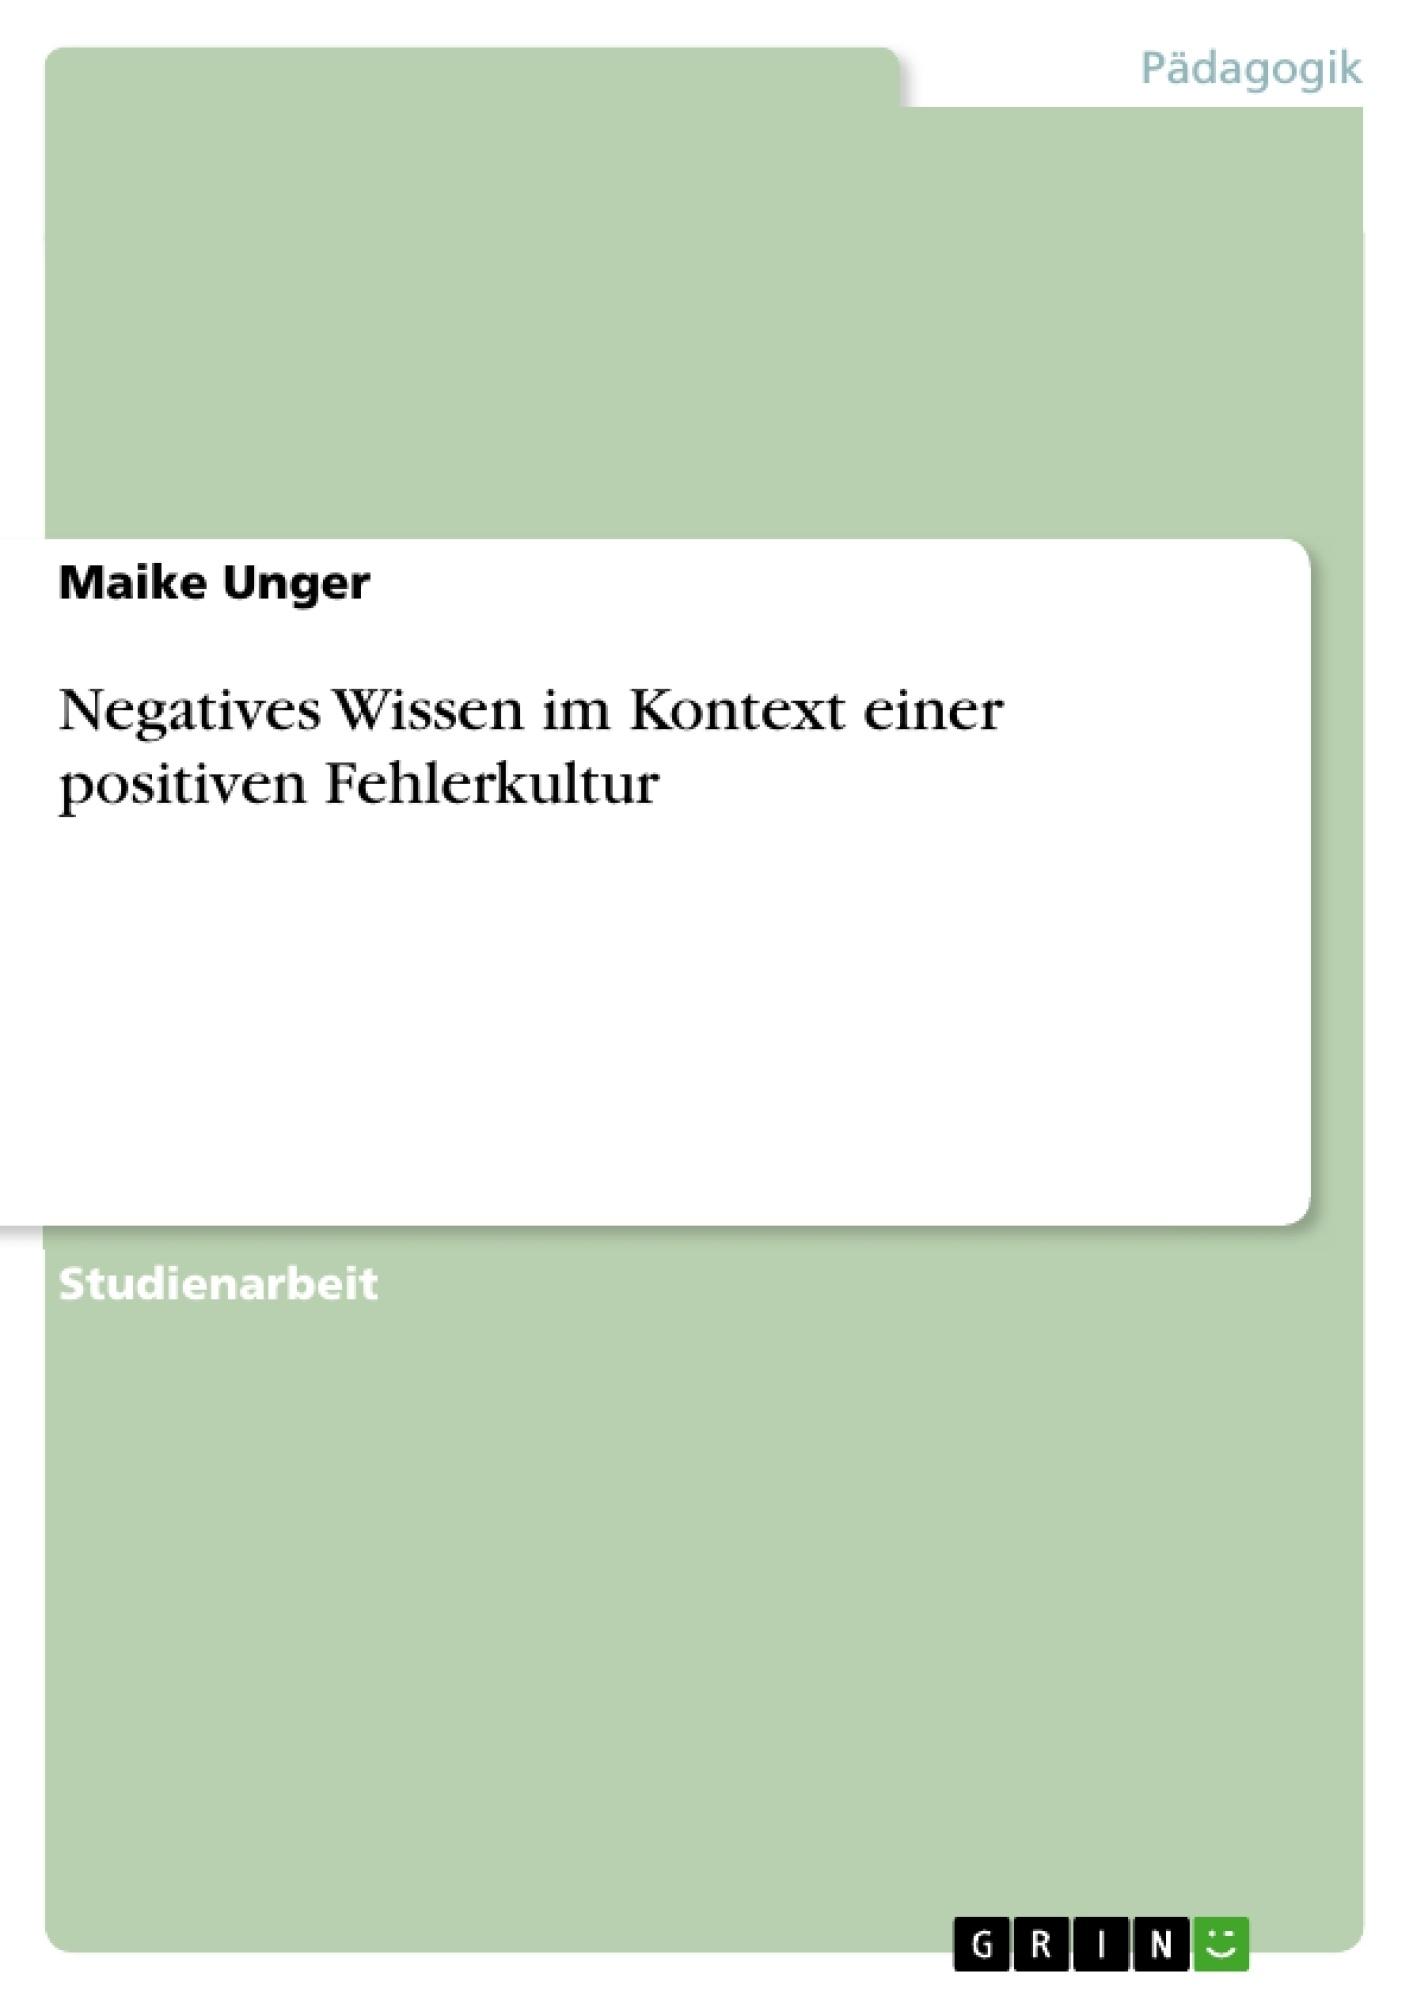 Titel: Negatives Wissen im Kontext einer positiven Fehlerkultur